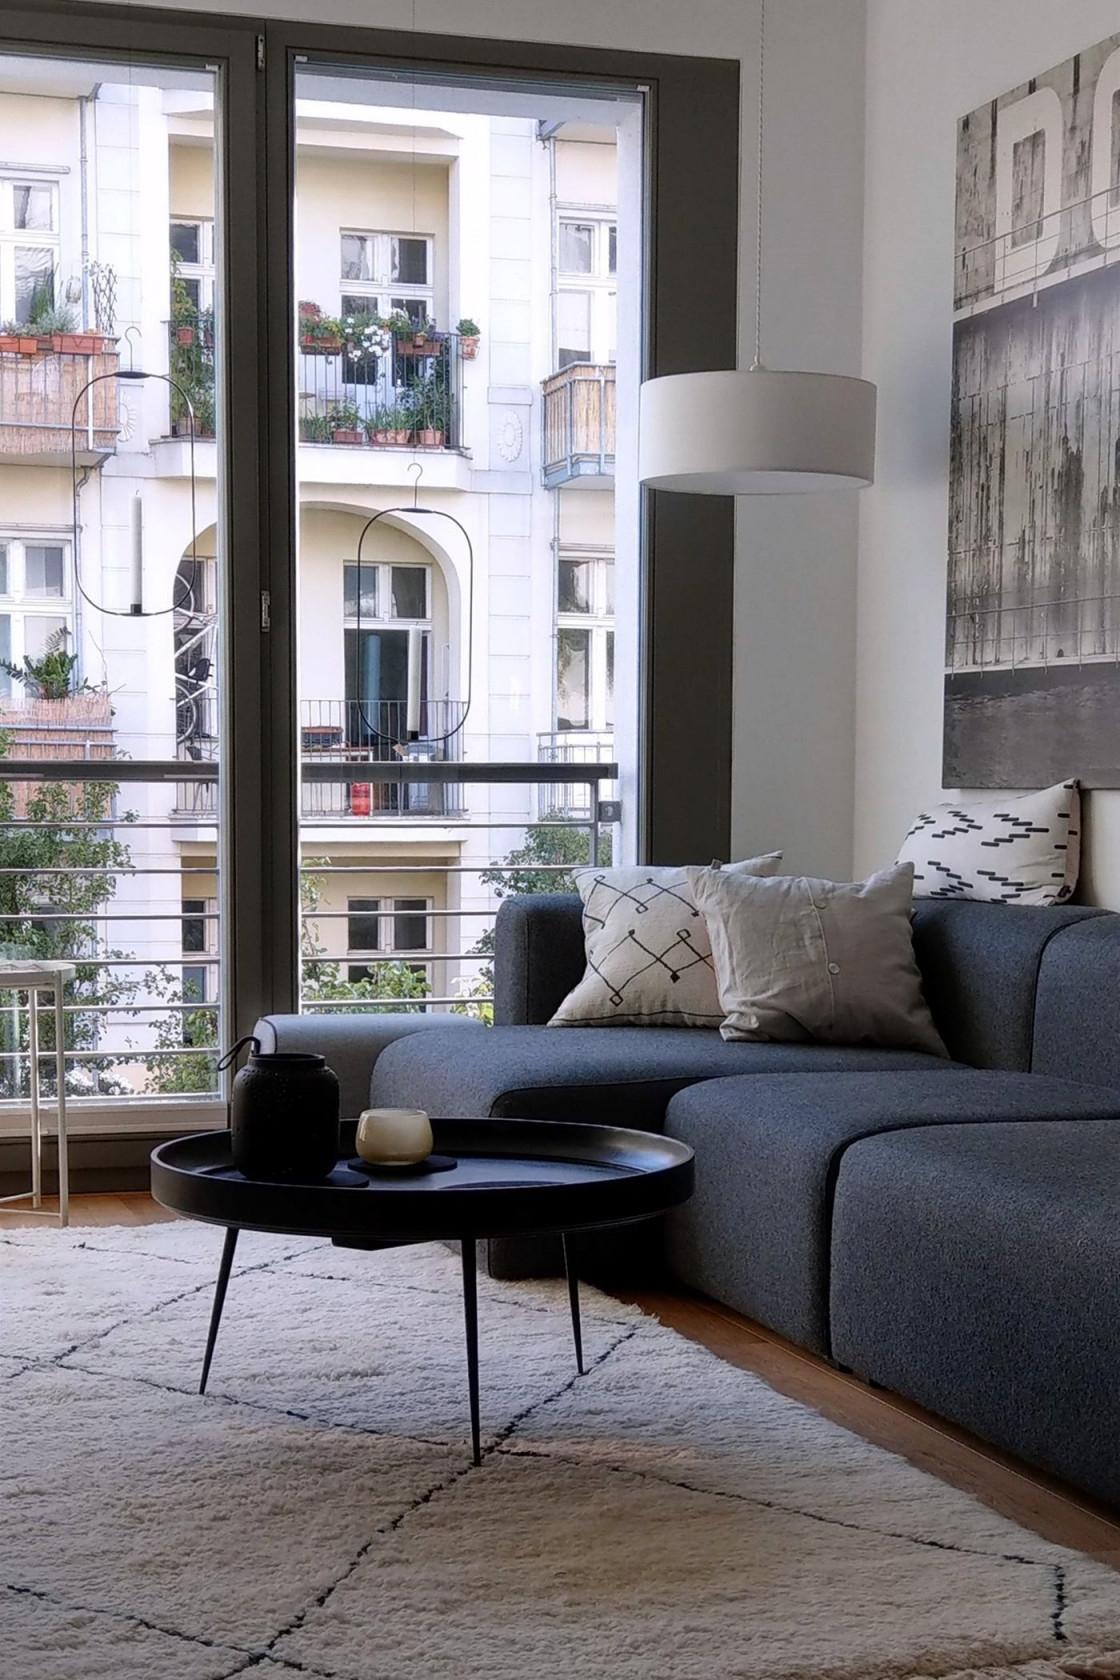 Wohnzimmer Die Schönsten Ideen von Wohnzimmer Einrichten Gemütlich Photo